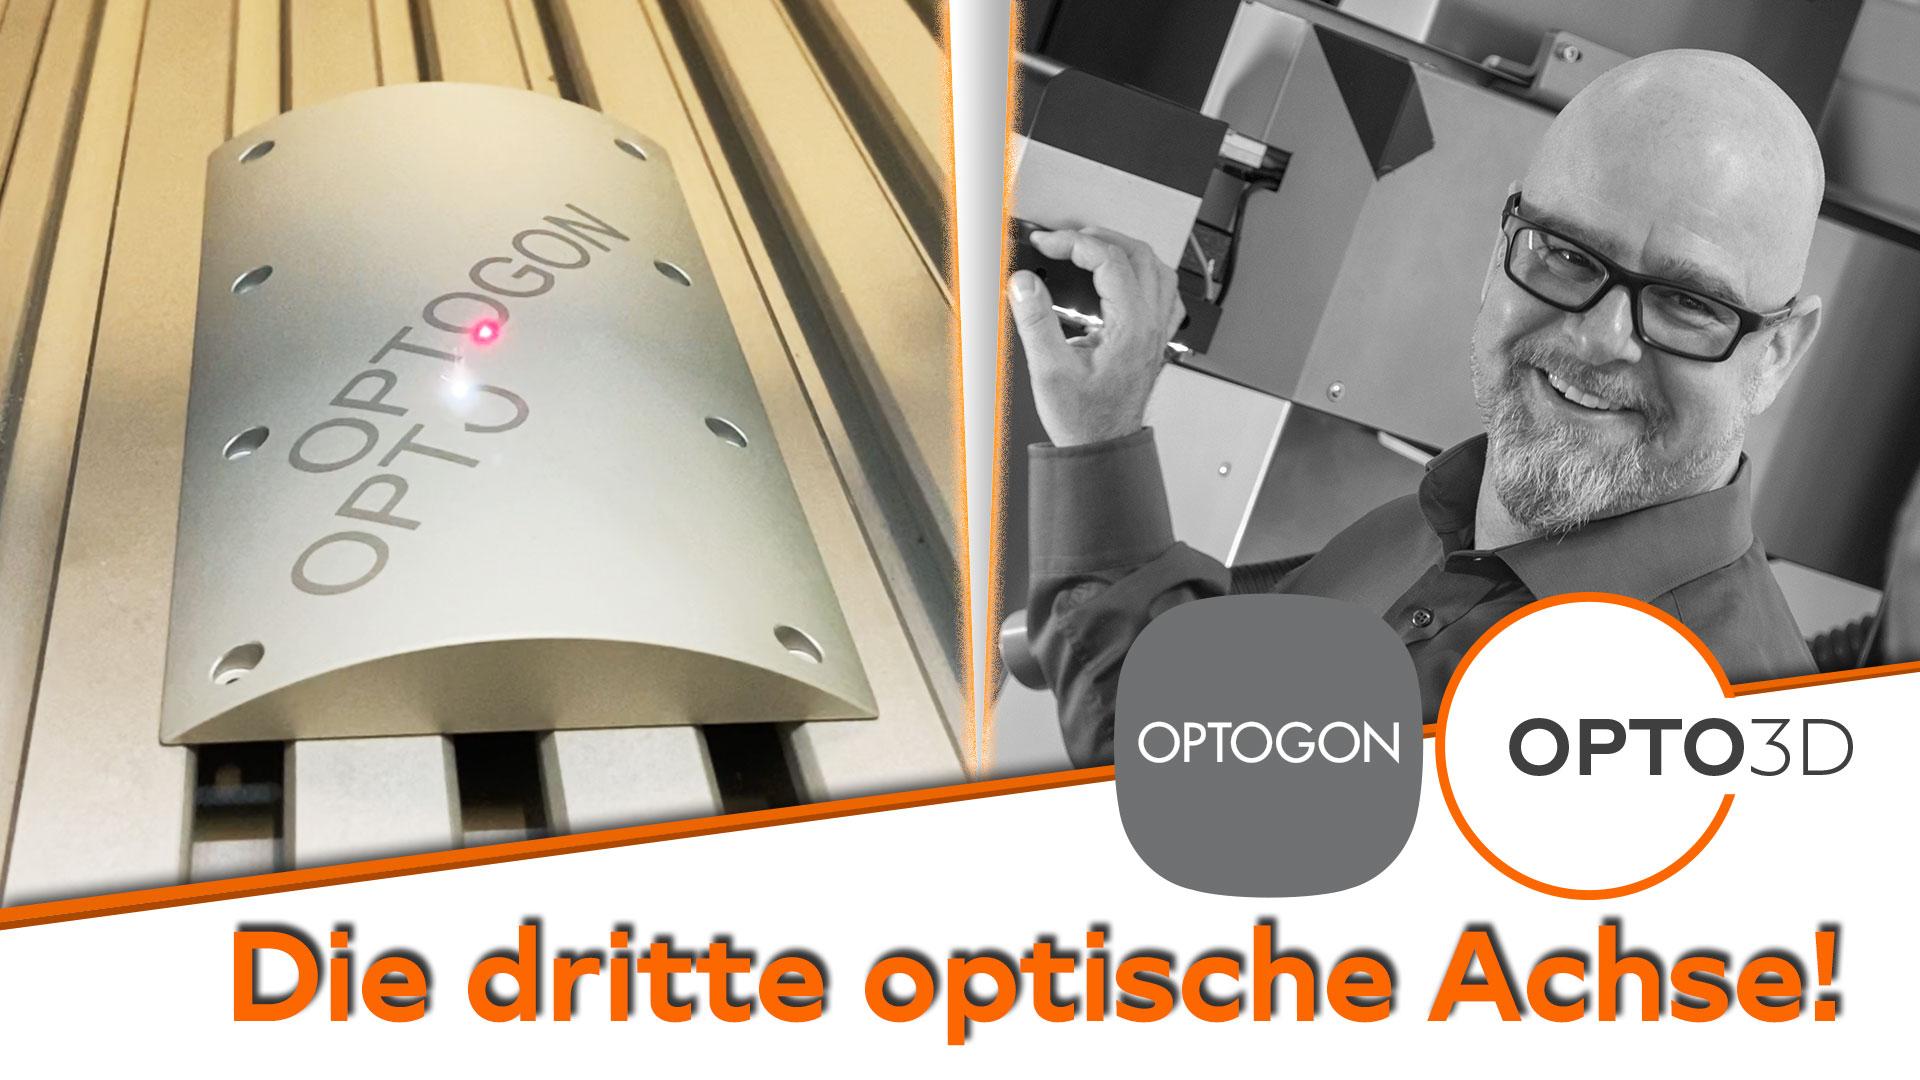 Opto3D – Die dritte optische Achse von OPTOGON